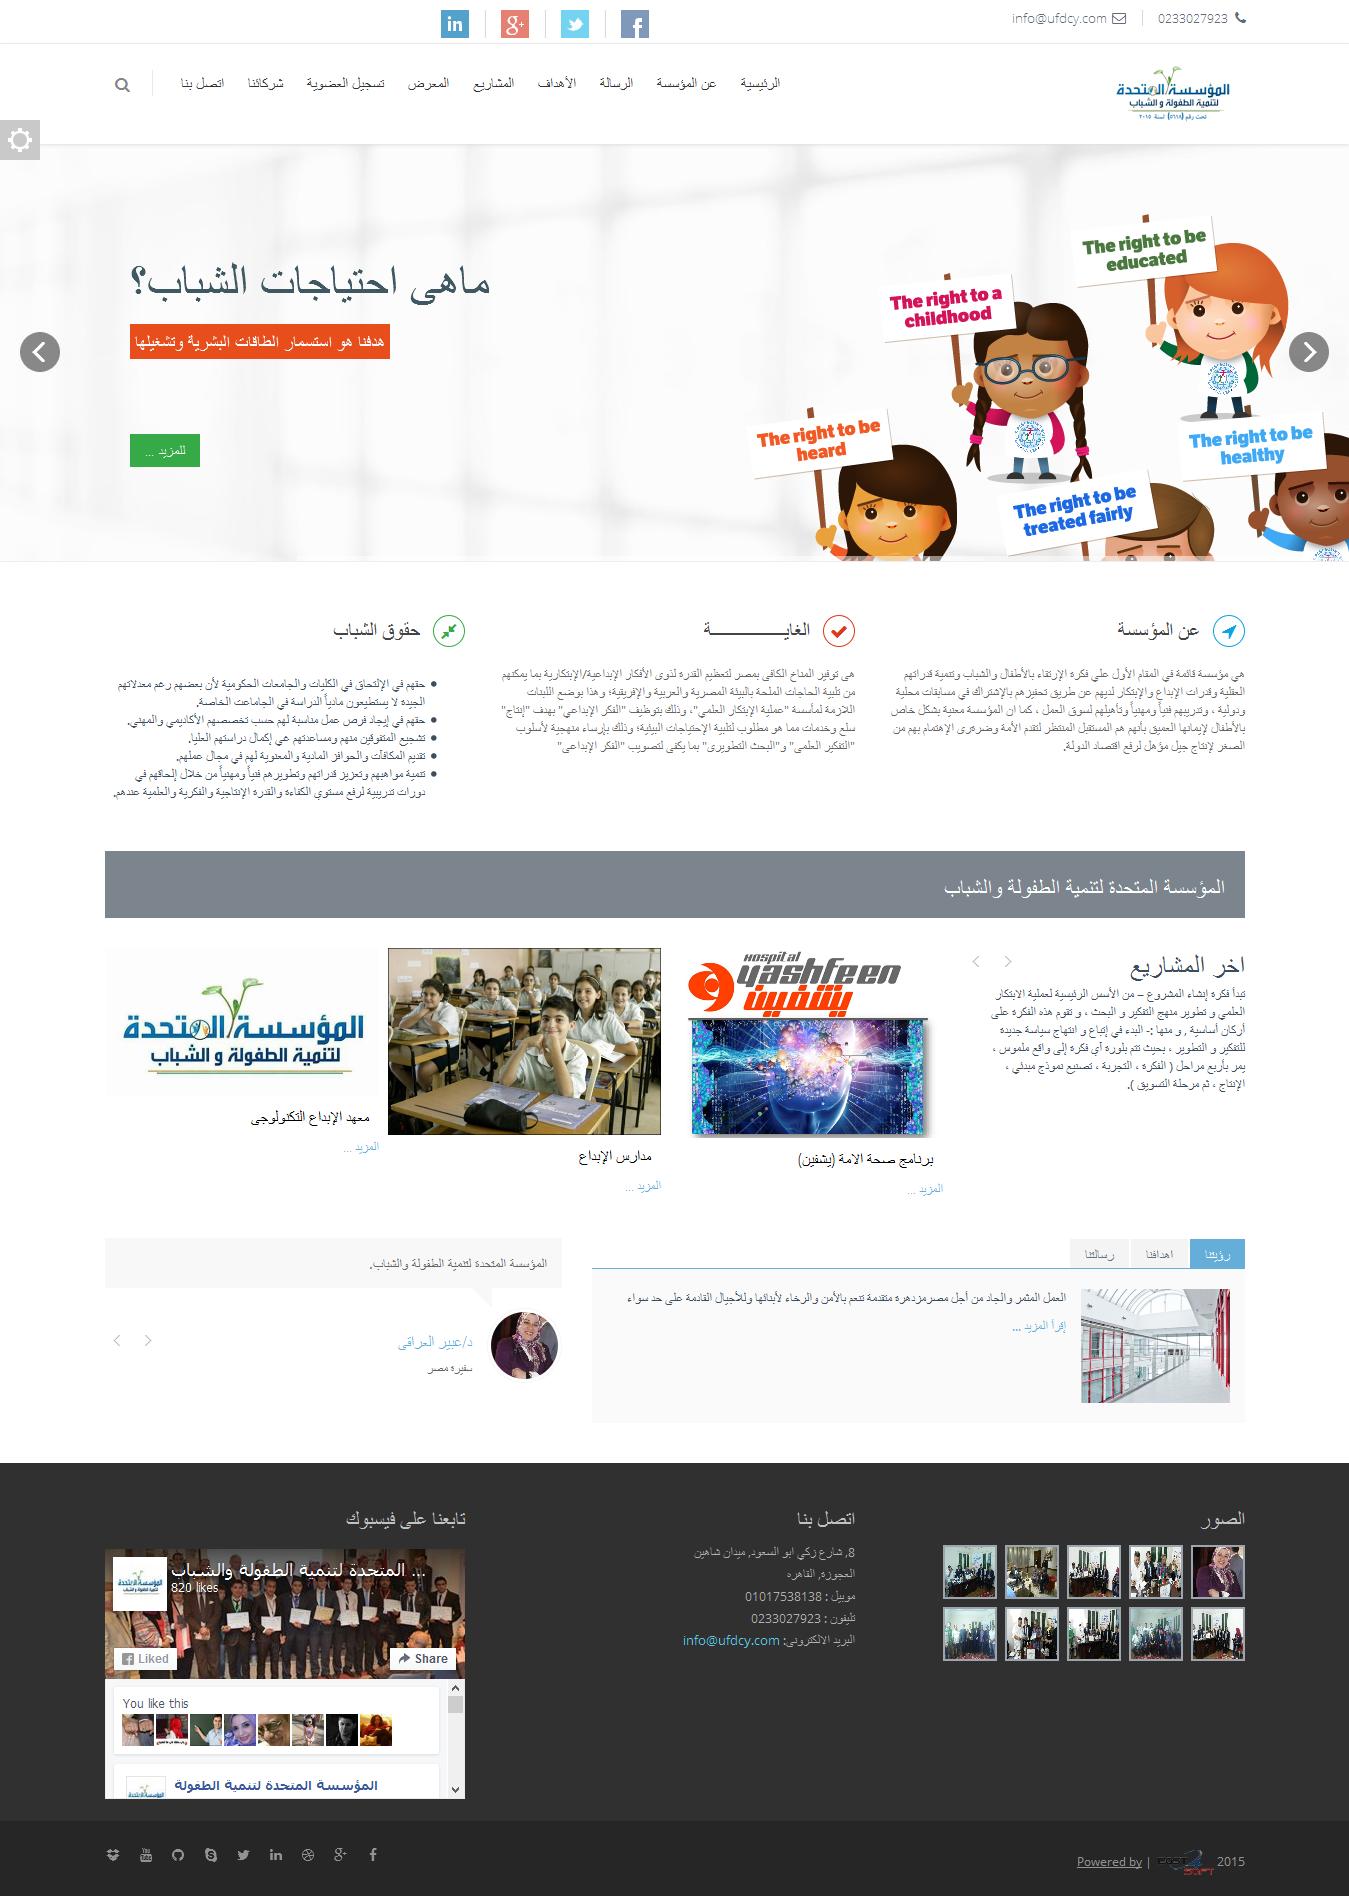 موقع المؤسسة المتحدة لتنمية الطفولة والشباب